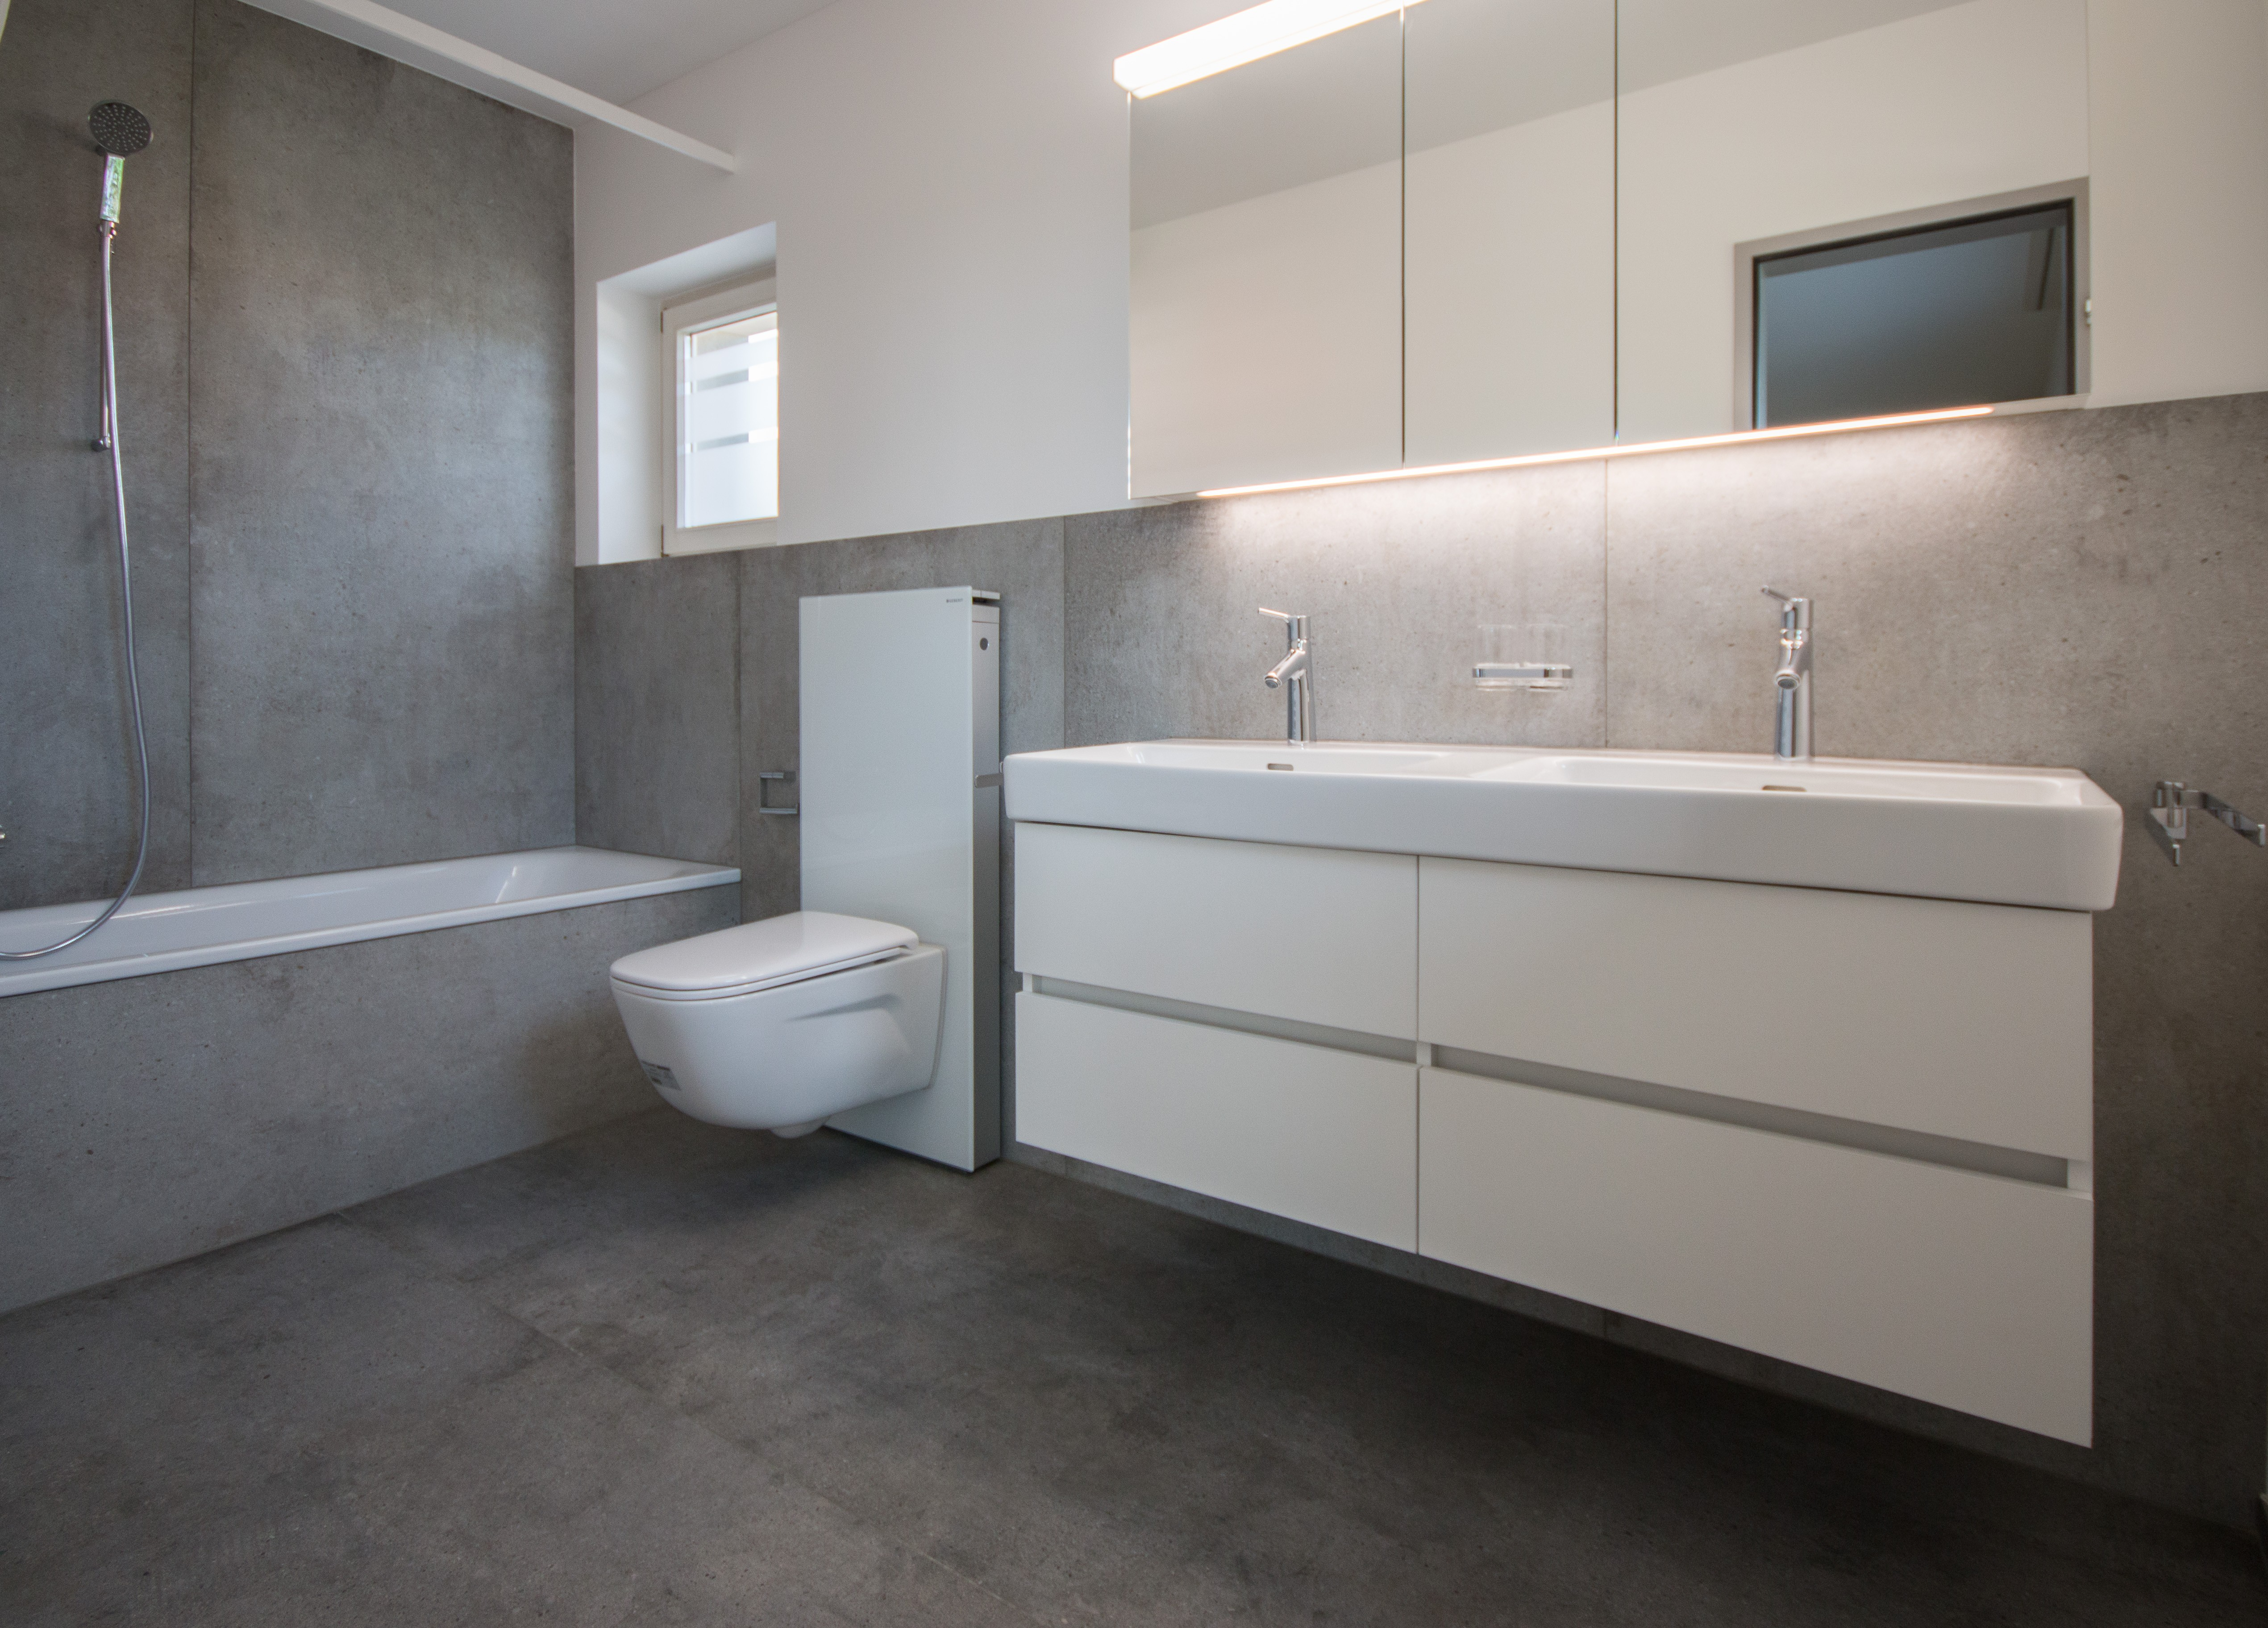 Kosten und Zeit planen bei der Badsanierung   badundraum